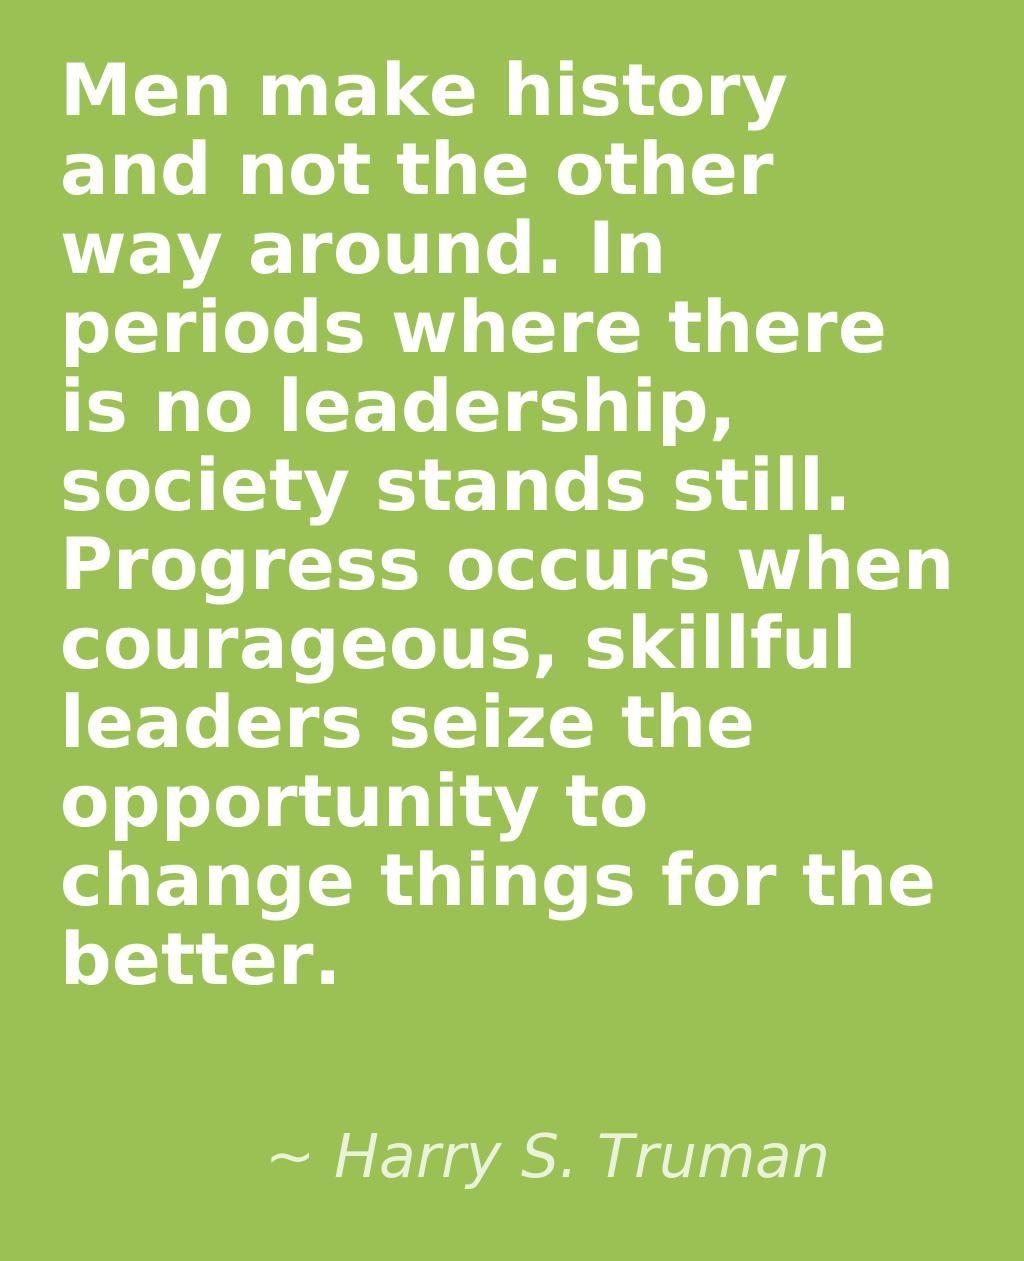 Los hombres hacen la historia y no al revés. En los períodos en que no hay liderazgo, la sociedad se detiene. El progreso ocurre cuando líderes valientes, hábiles aprovechar la oportunidad para cambiar las cosas para mejor. ~ Harry S. Truman